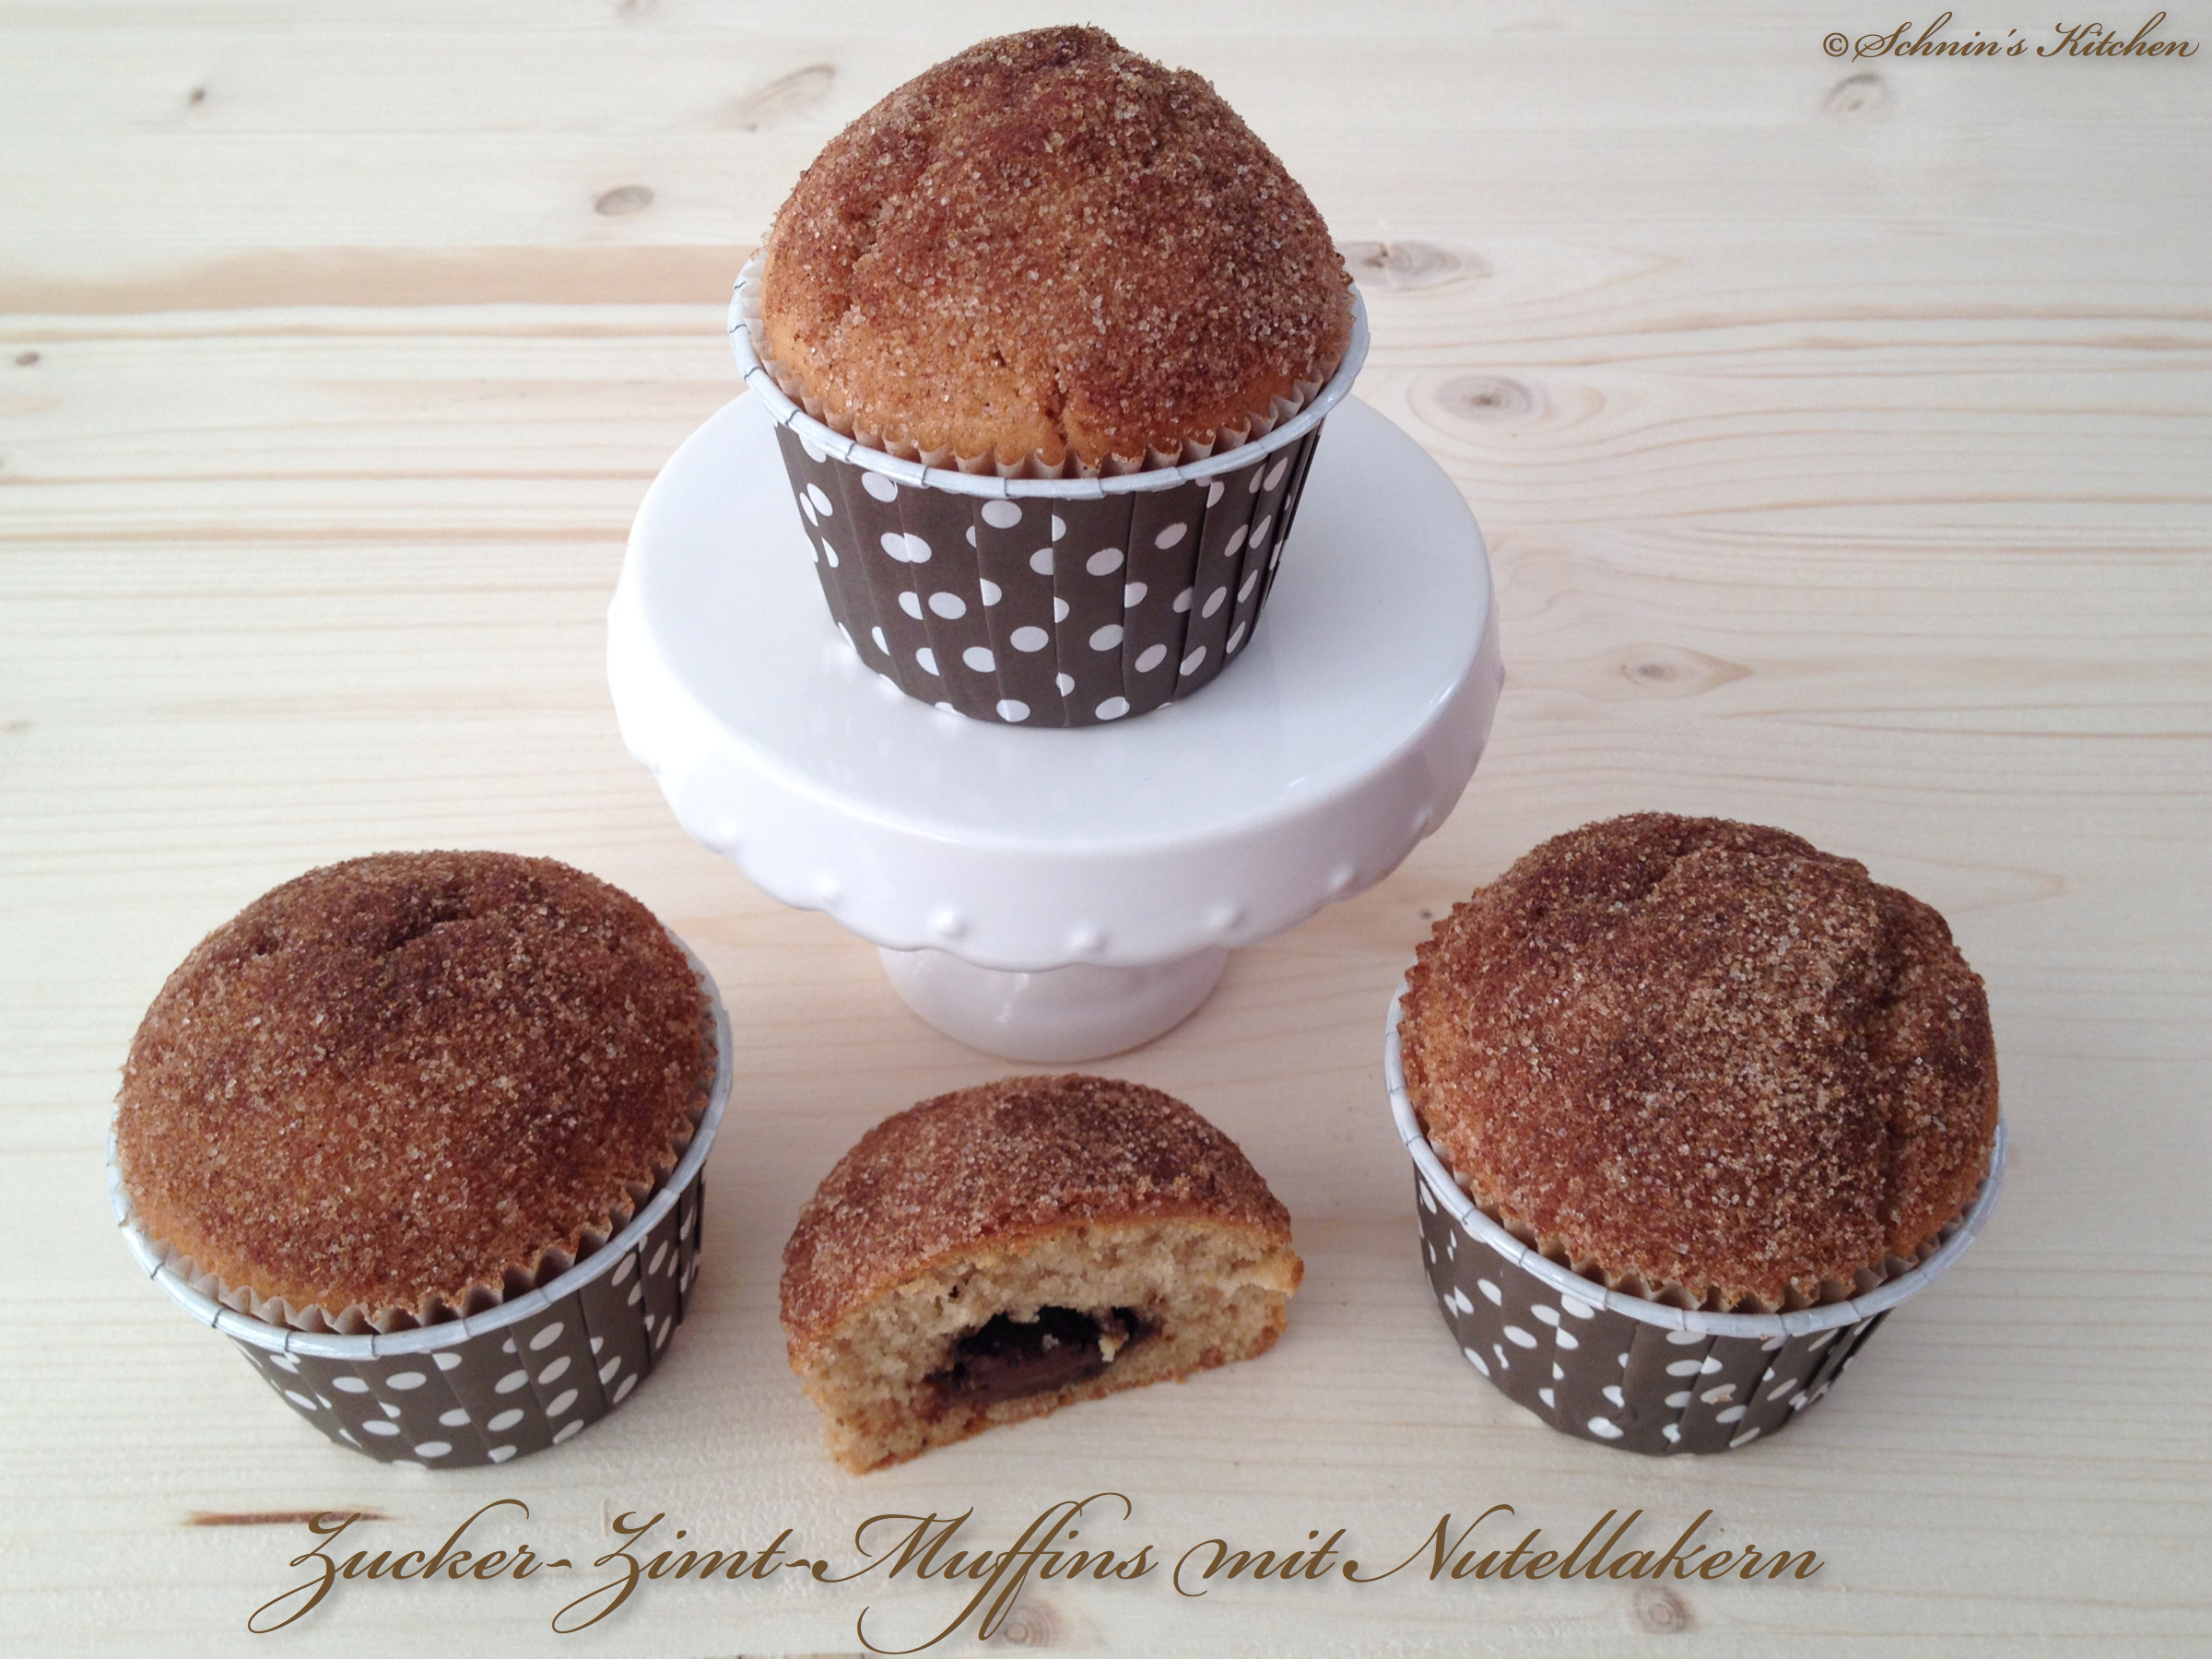 frustbacken zucker zimt muffins mit nutellakern schnin 39 s kitchen. Black Bedroom Furniture Sets. Home Design Ideas